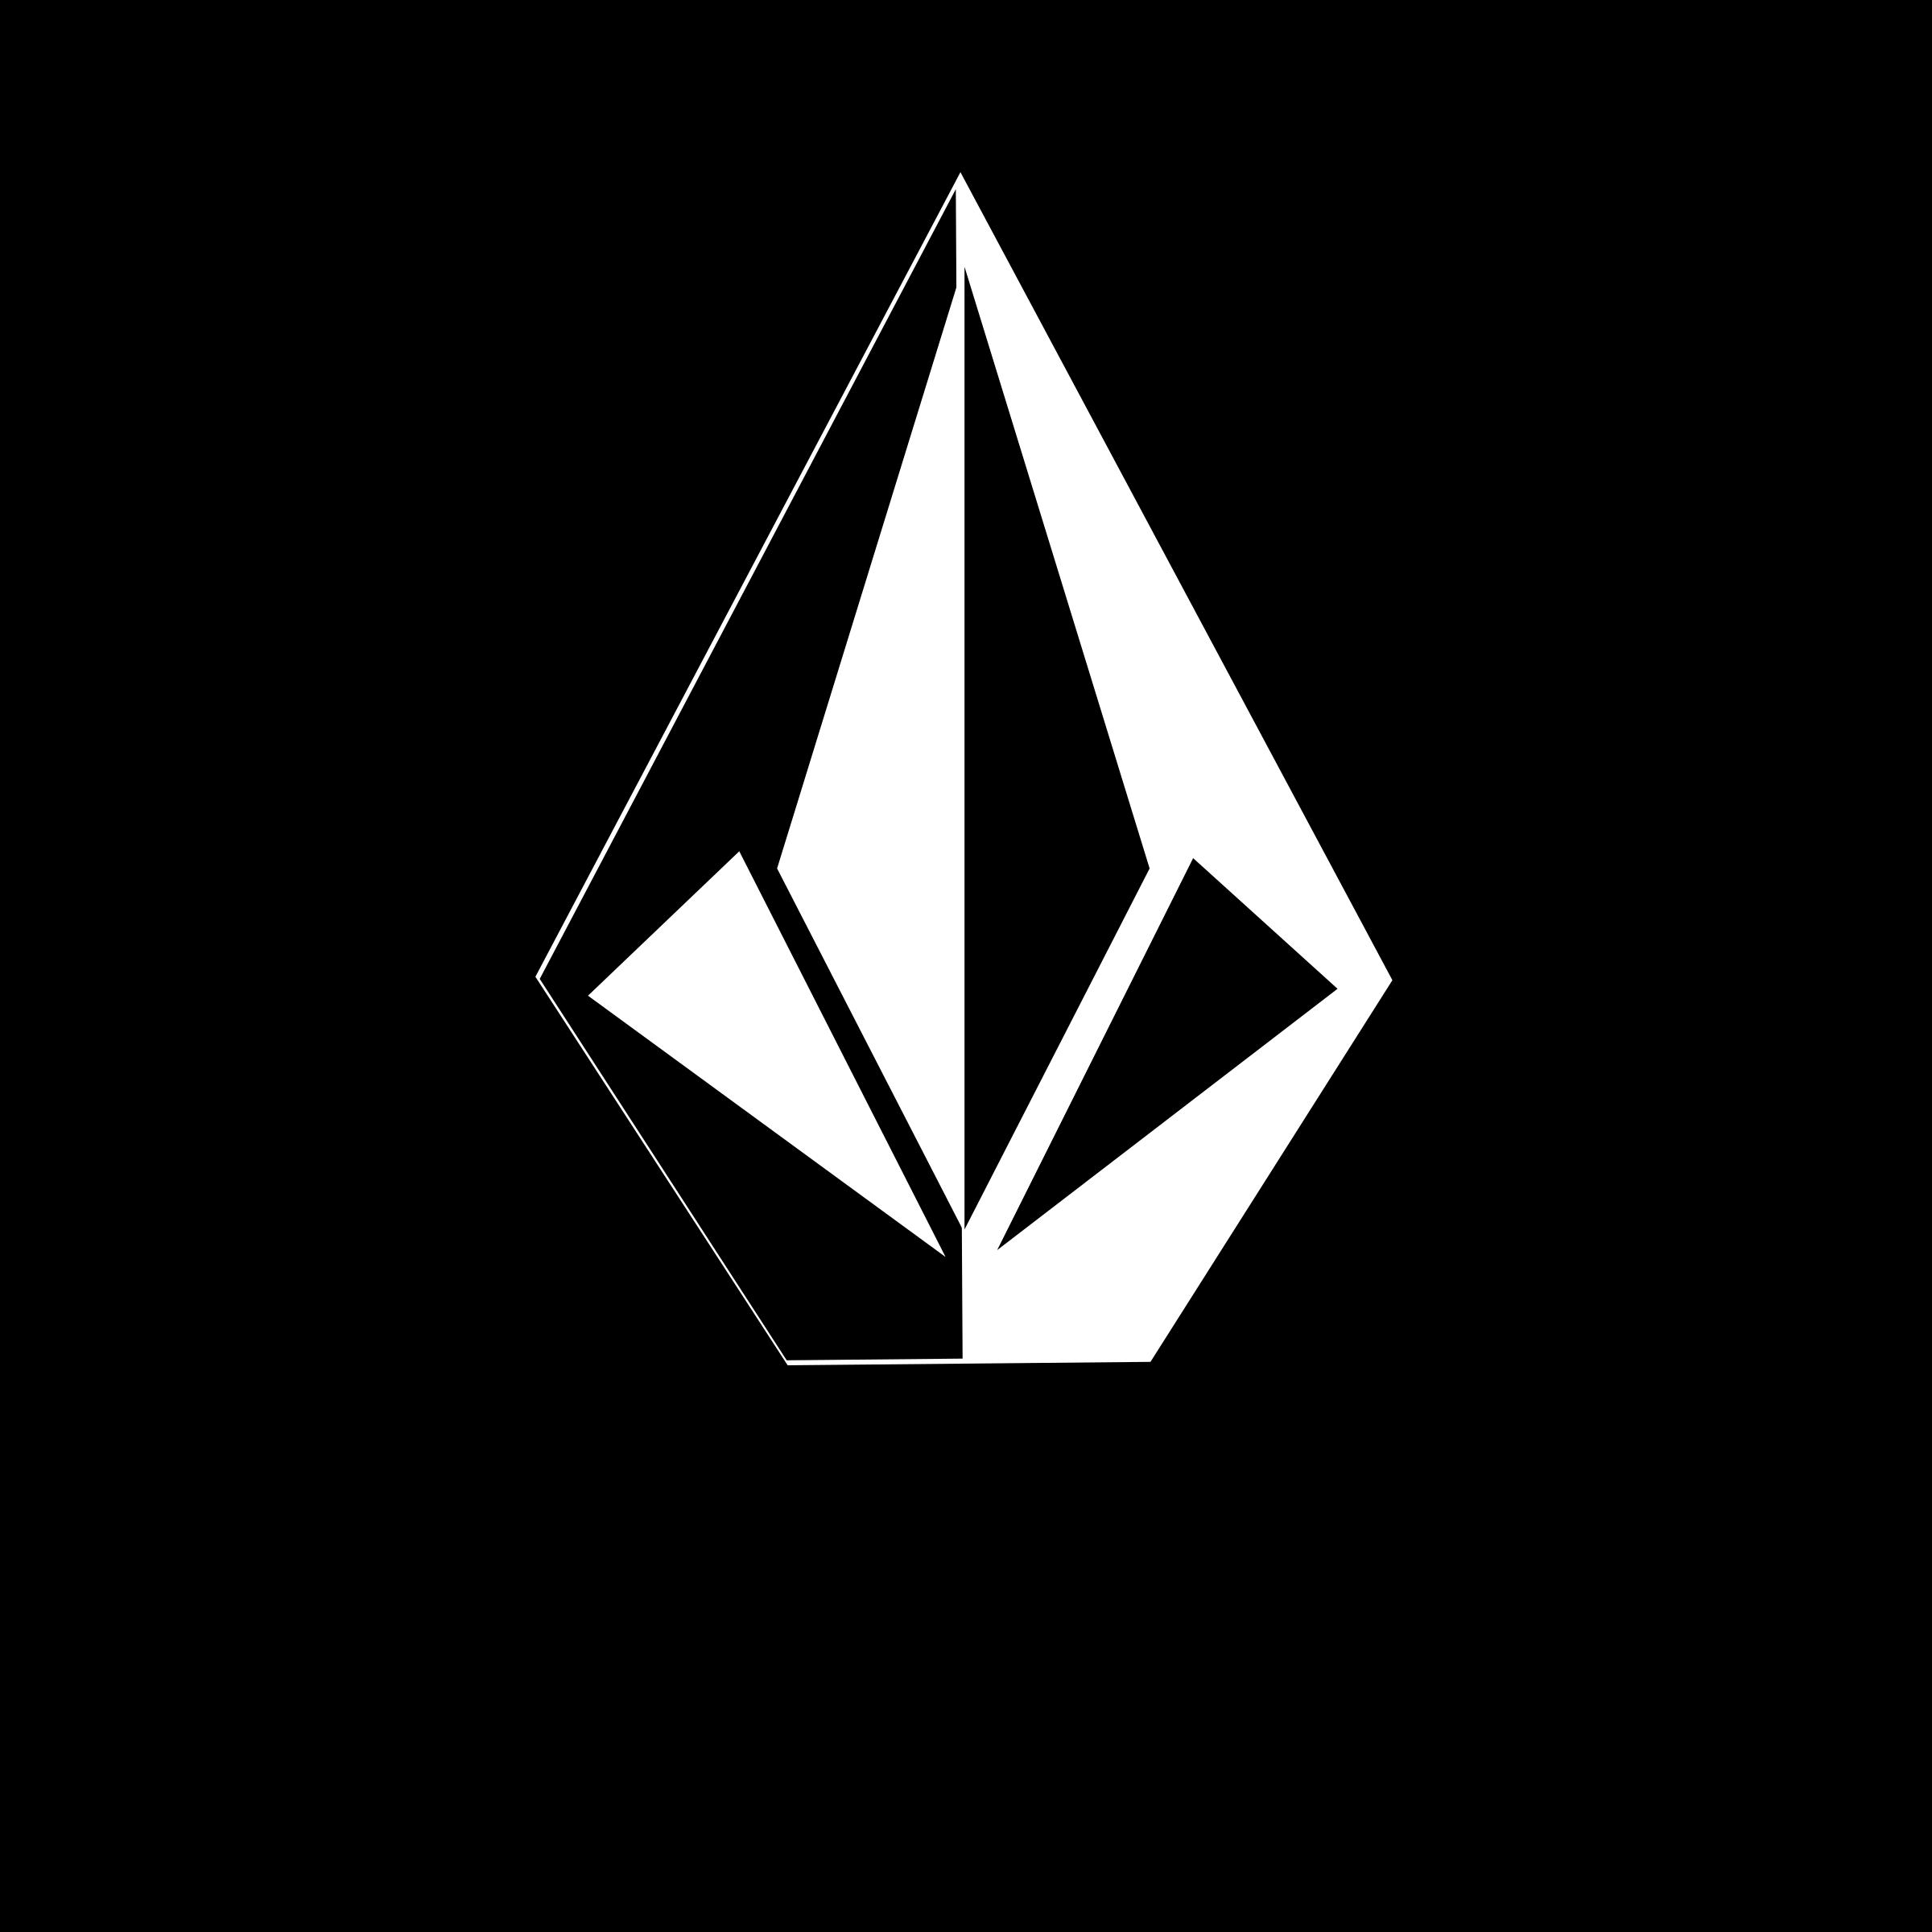 volcom-logo-png-transparent